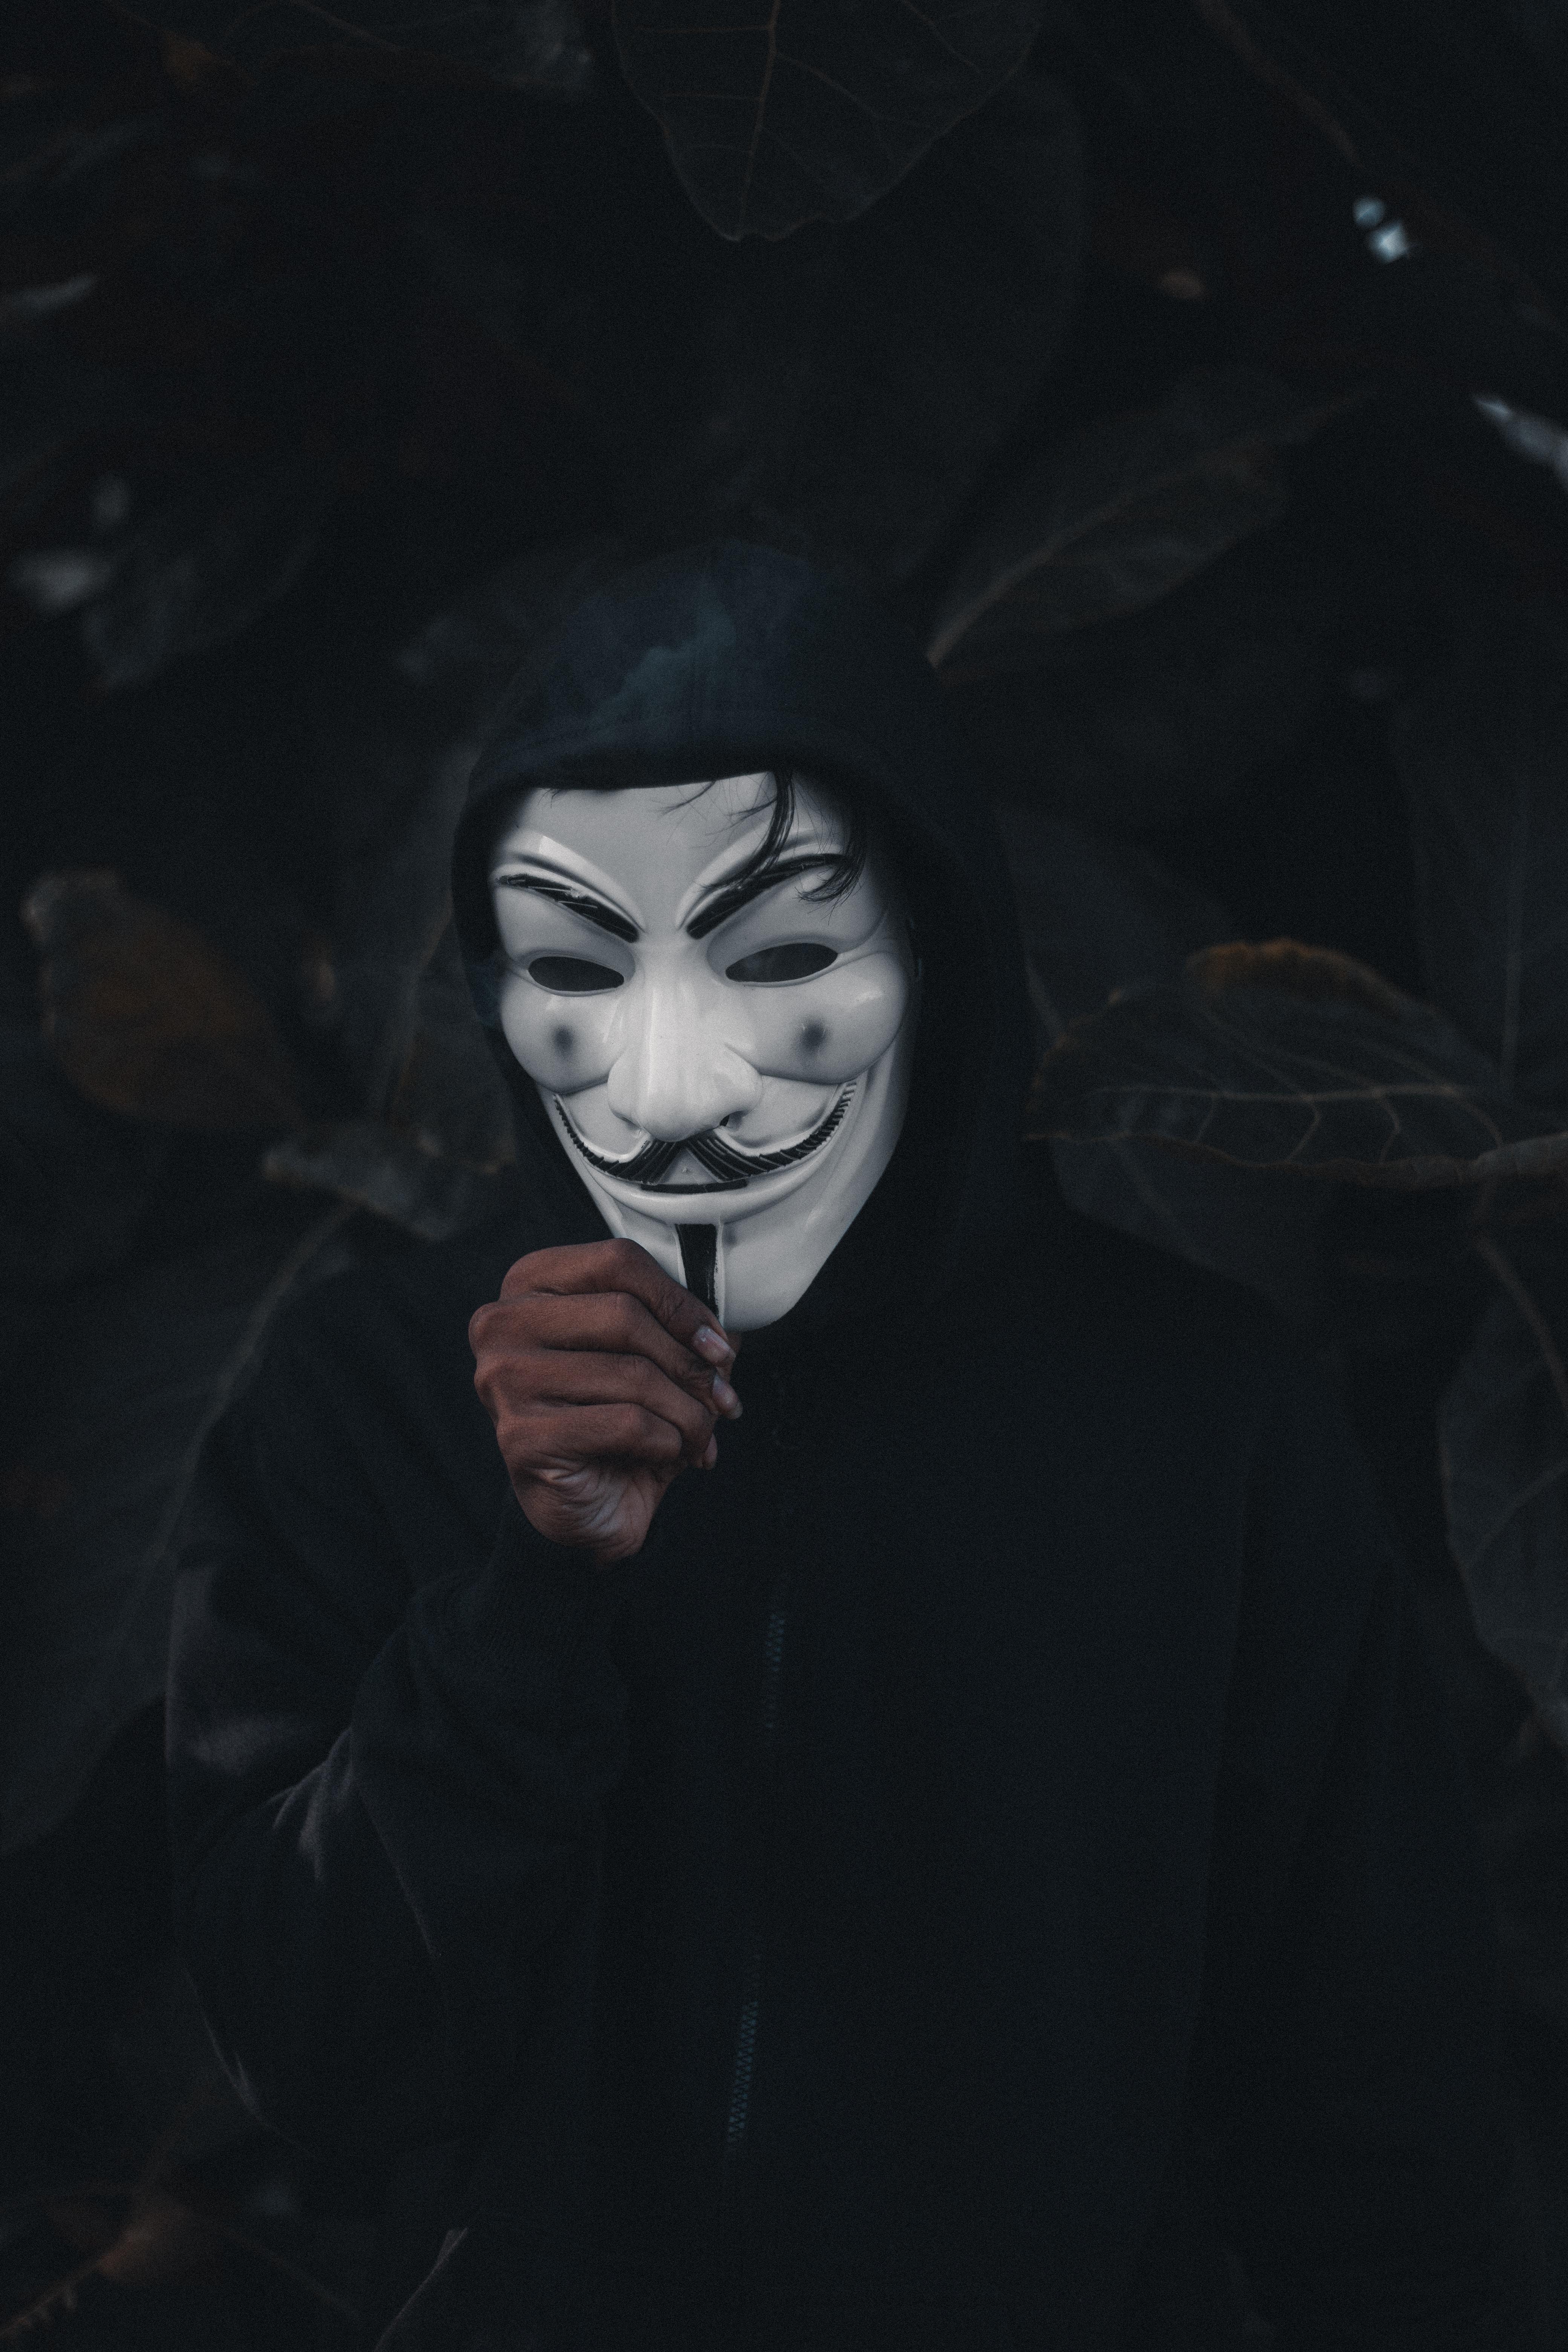 125343 Hintergrundbild 540x960 kostenlos auf deinem Handy, lade Bilder Verschiedenes, Sonstige, Maske, Mensch, Person, Anonym 540x960 auf dein Handy herunter